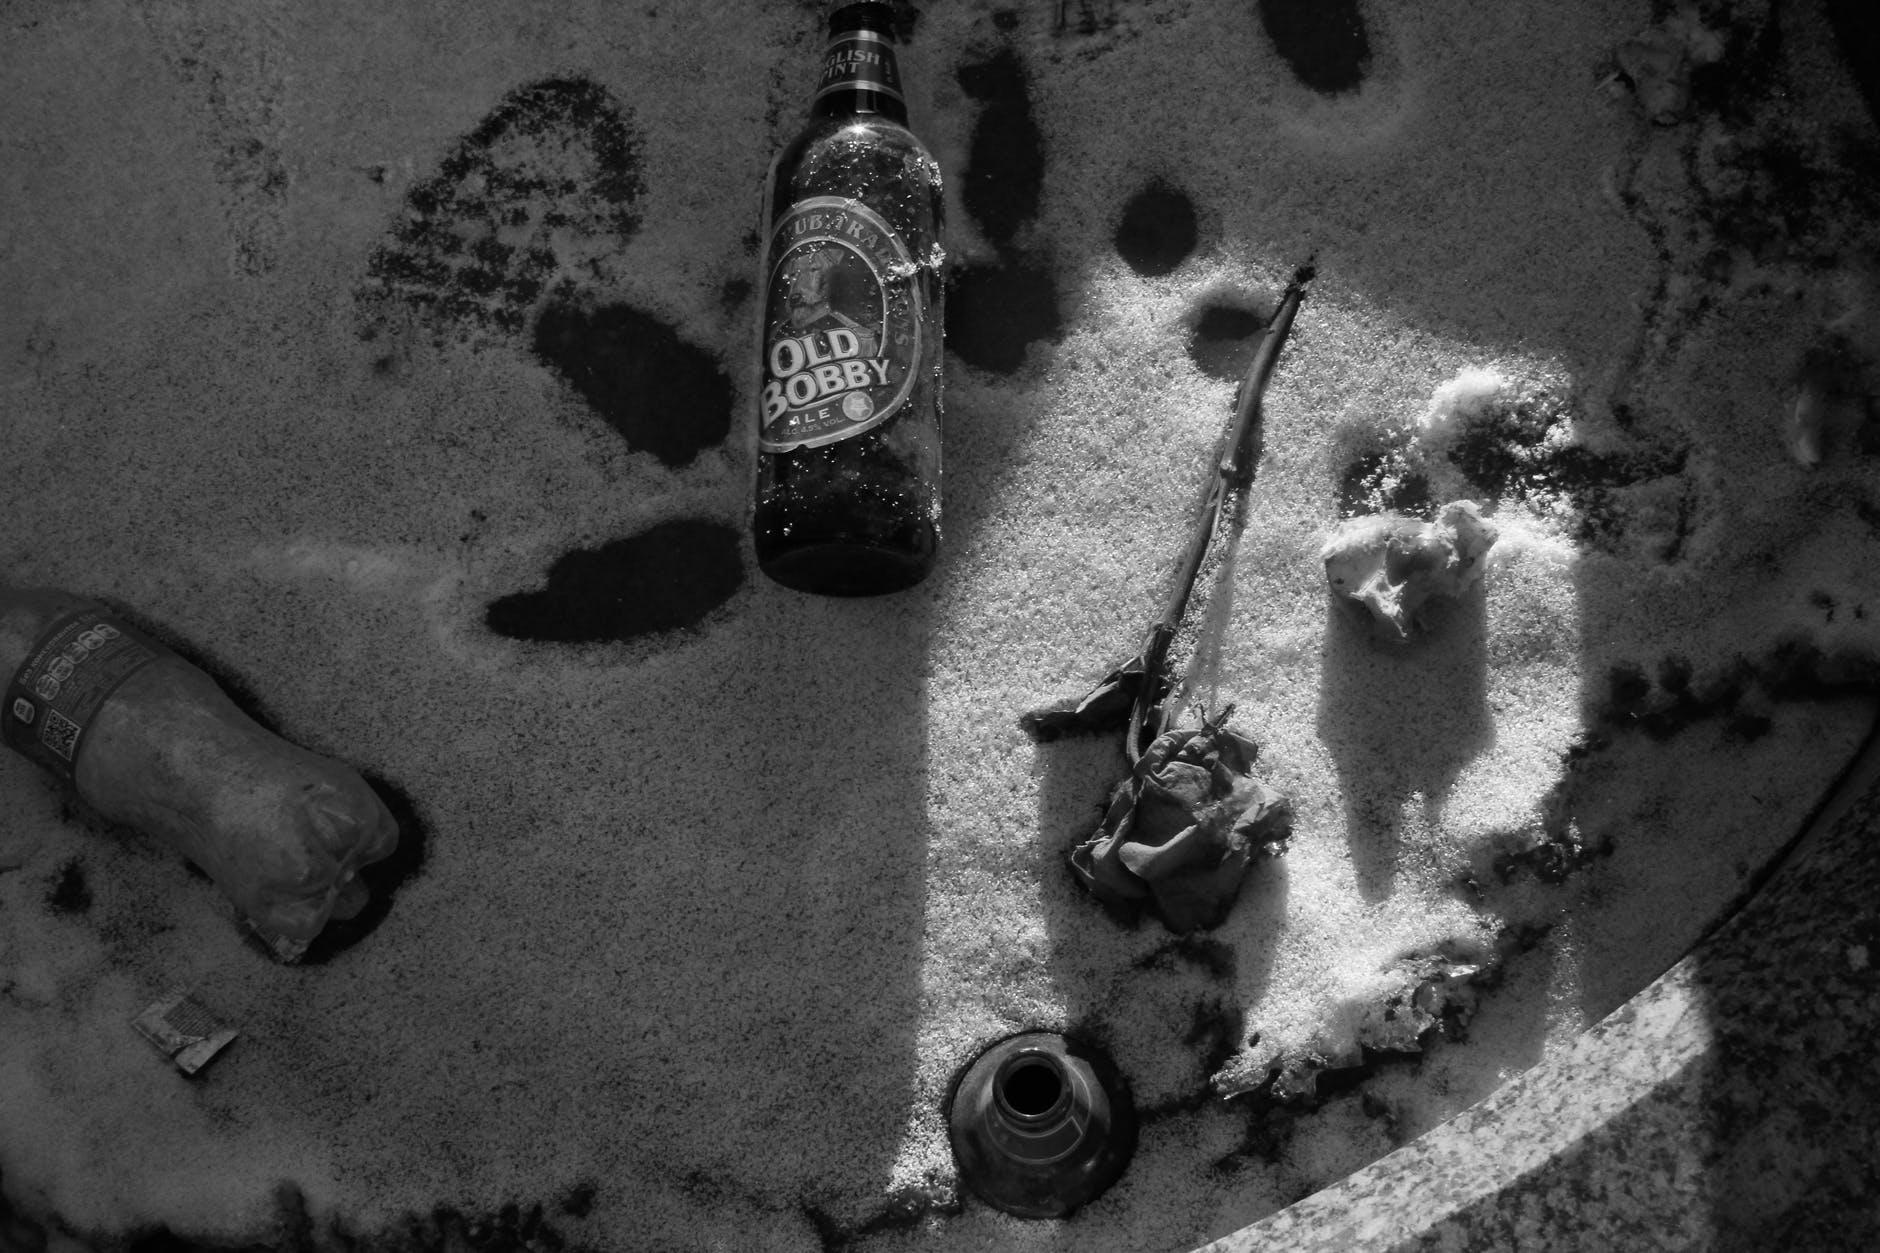 De sneeuw is gesmolten, maar duizenden plastic borstelharen van veegmachines blijven nog jaren liggen